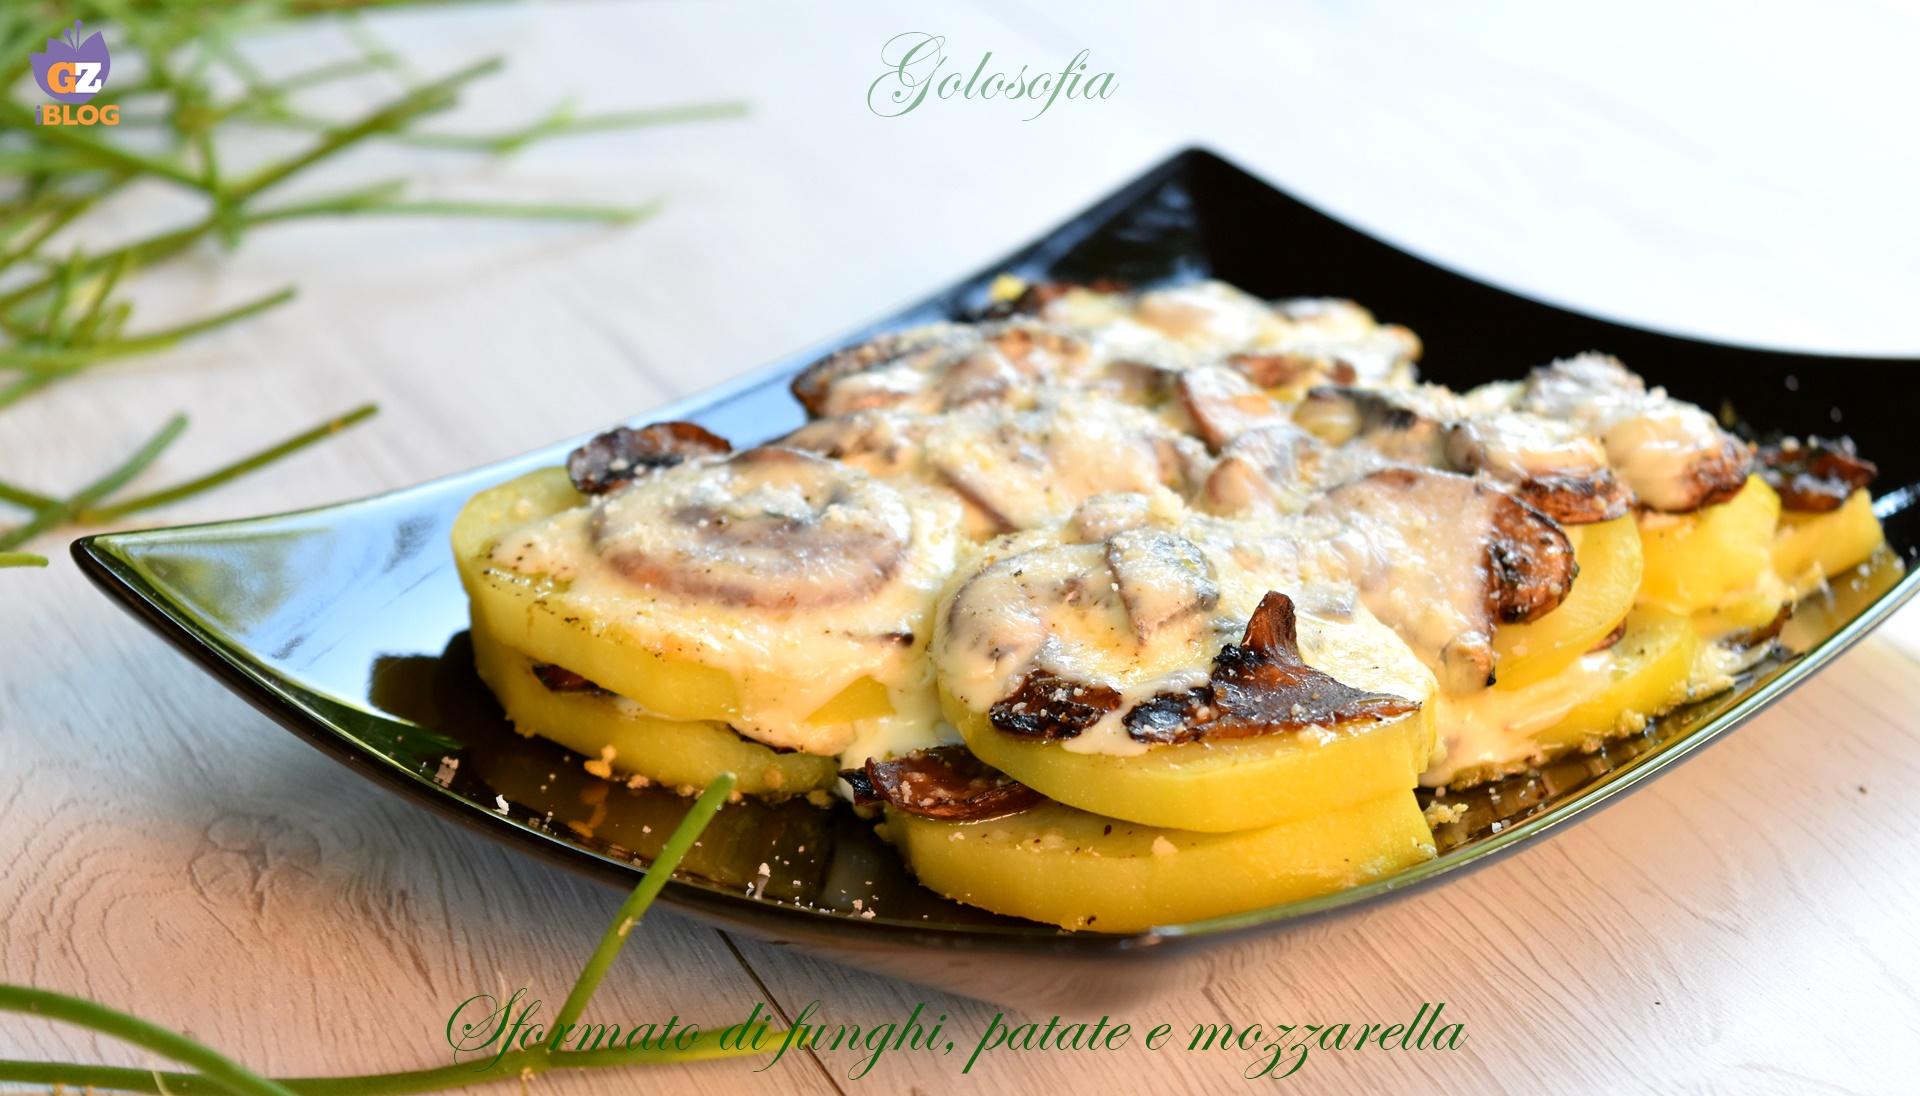 Sformato di funghi, patate e mozzarella, ricetta buonissima